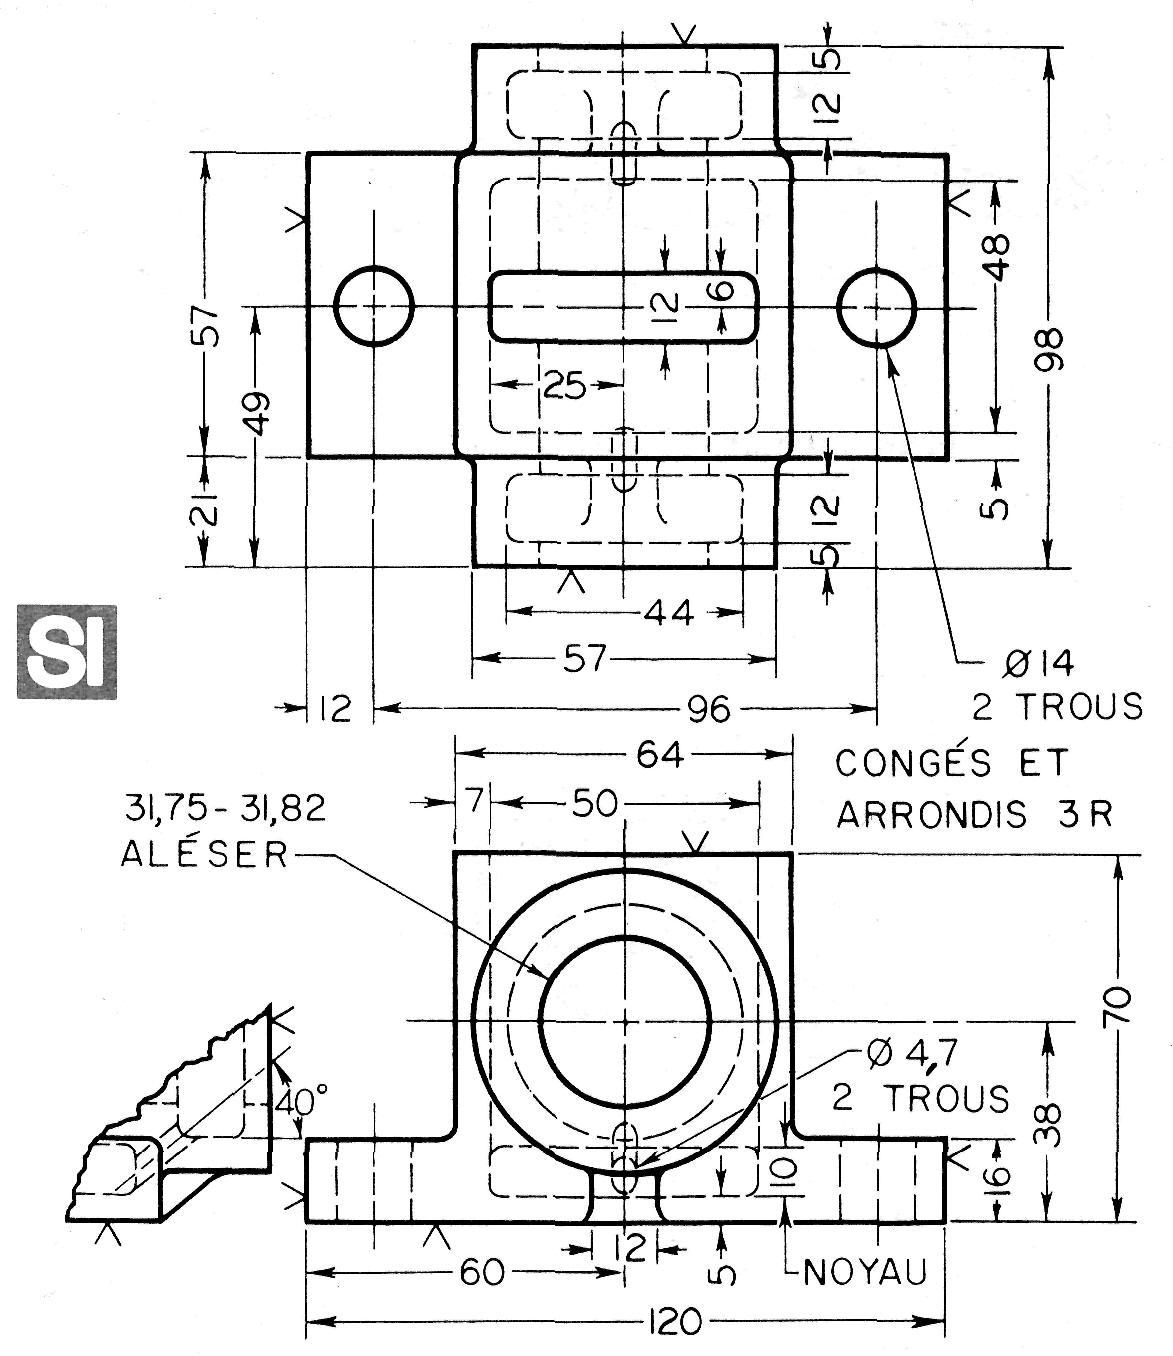 Probl mes sur les coupes et les - Coupe et section dessin technique ...